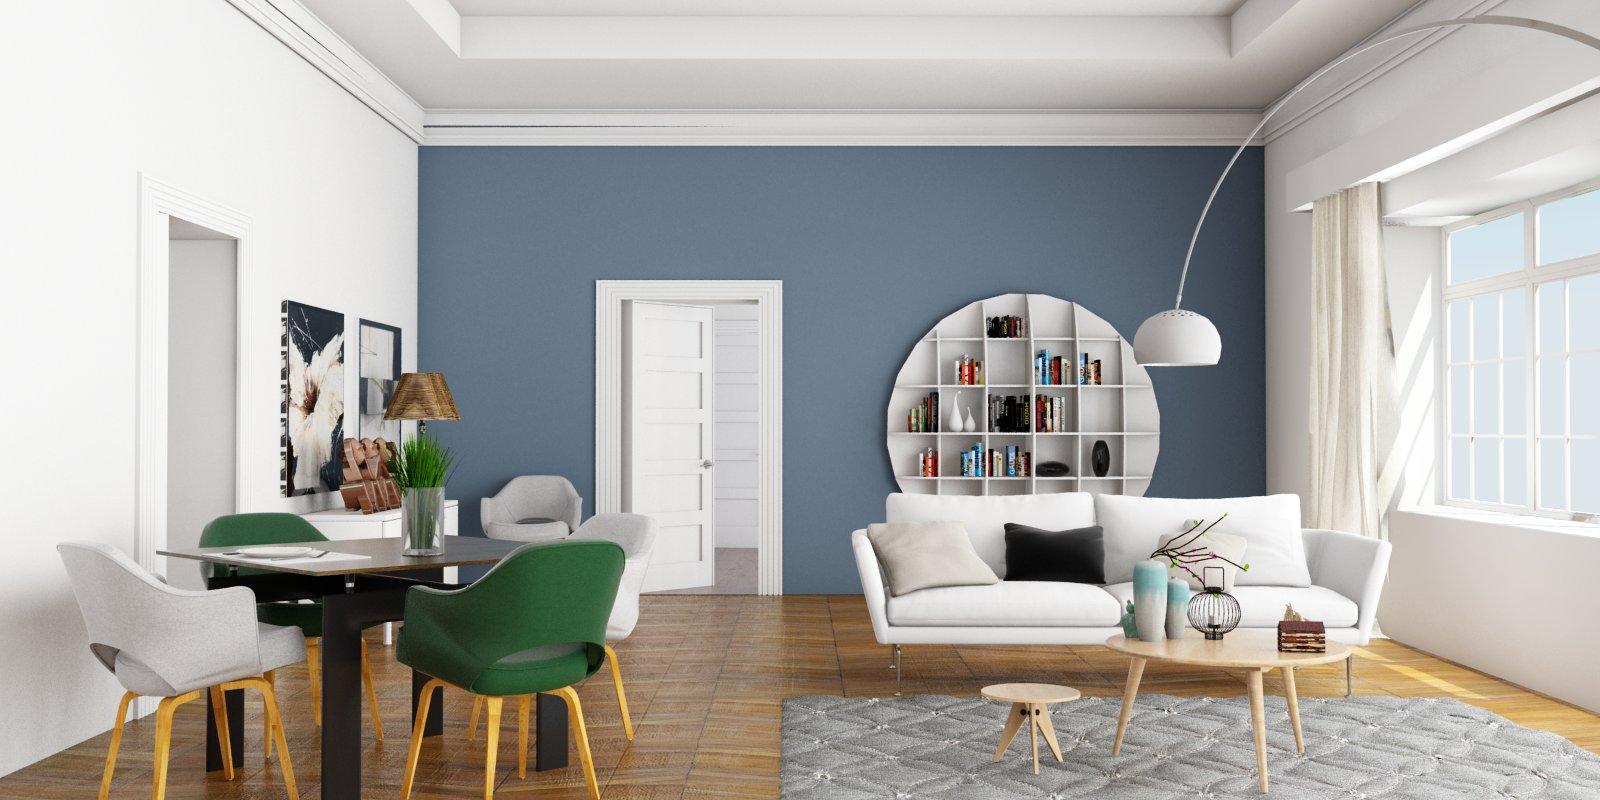 CasaF - [FINAL] Architettura e Interior Design - Treddi